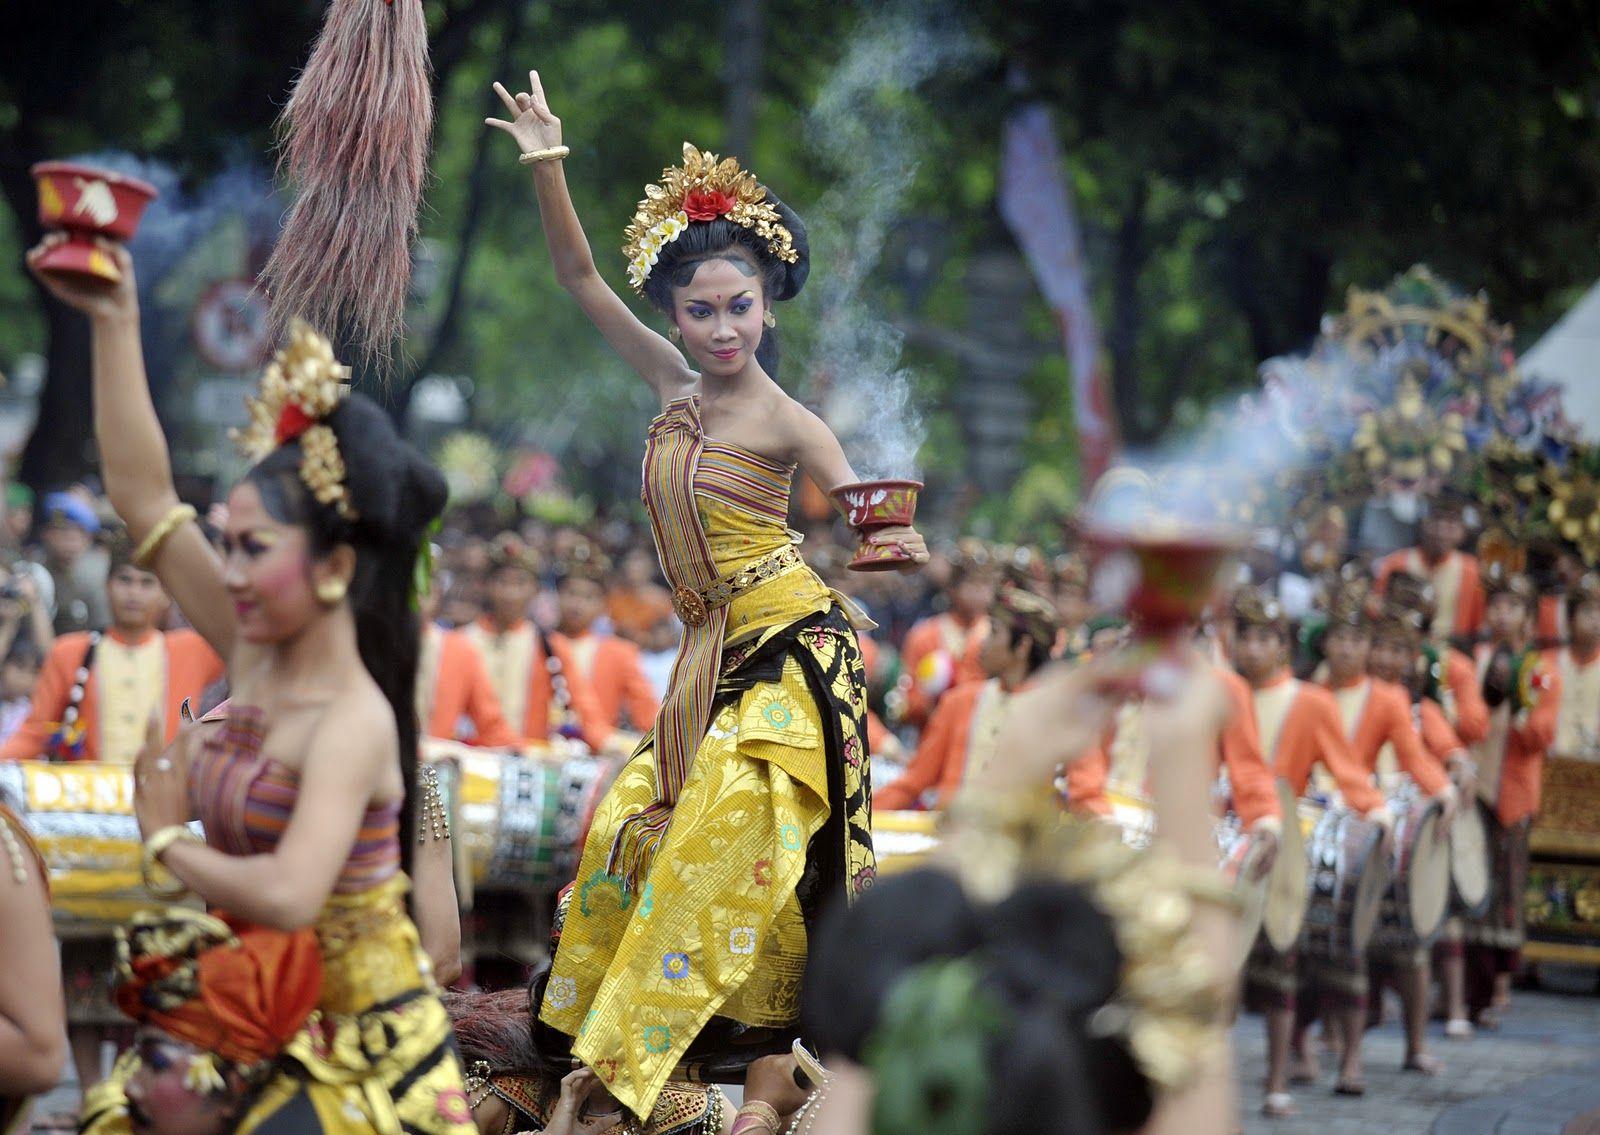 Acara Tahun Baru di Indonesia